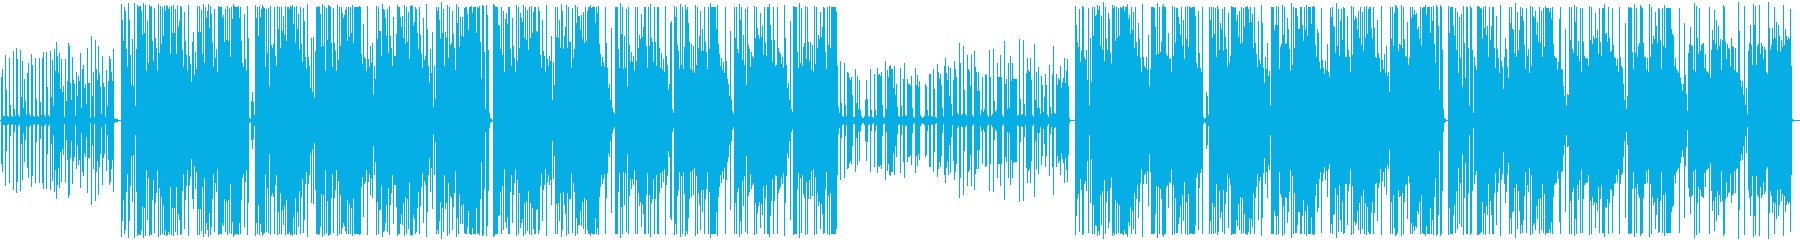 シンプルなTrapBeatの再生済みの波形